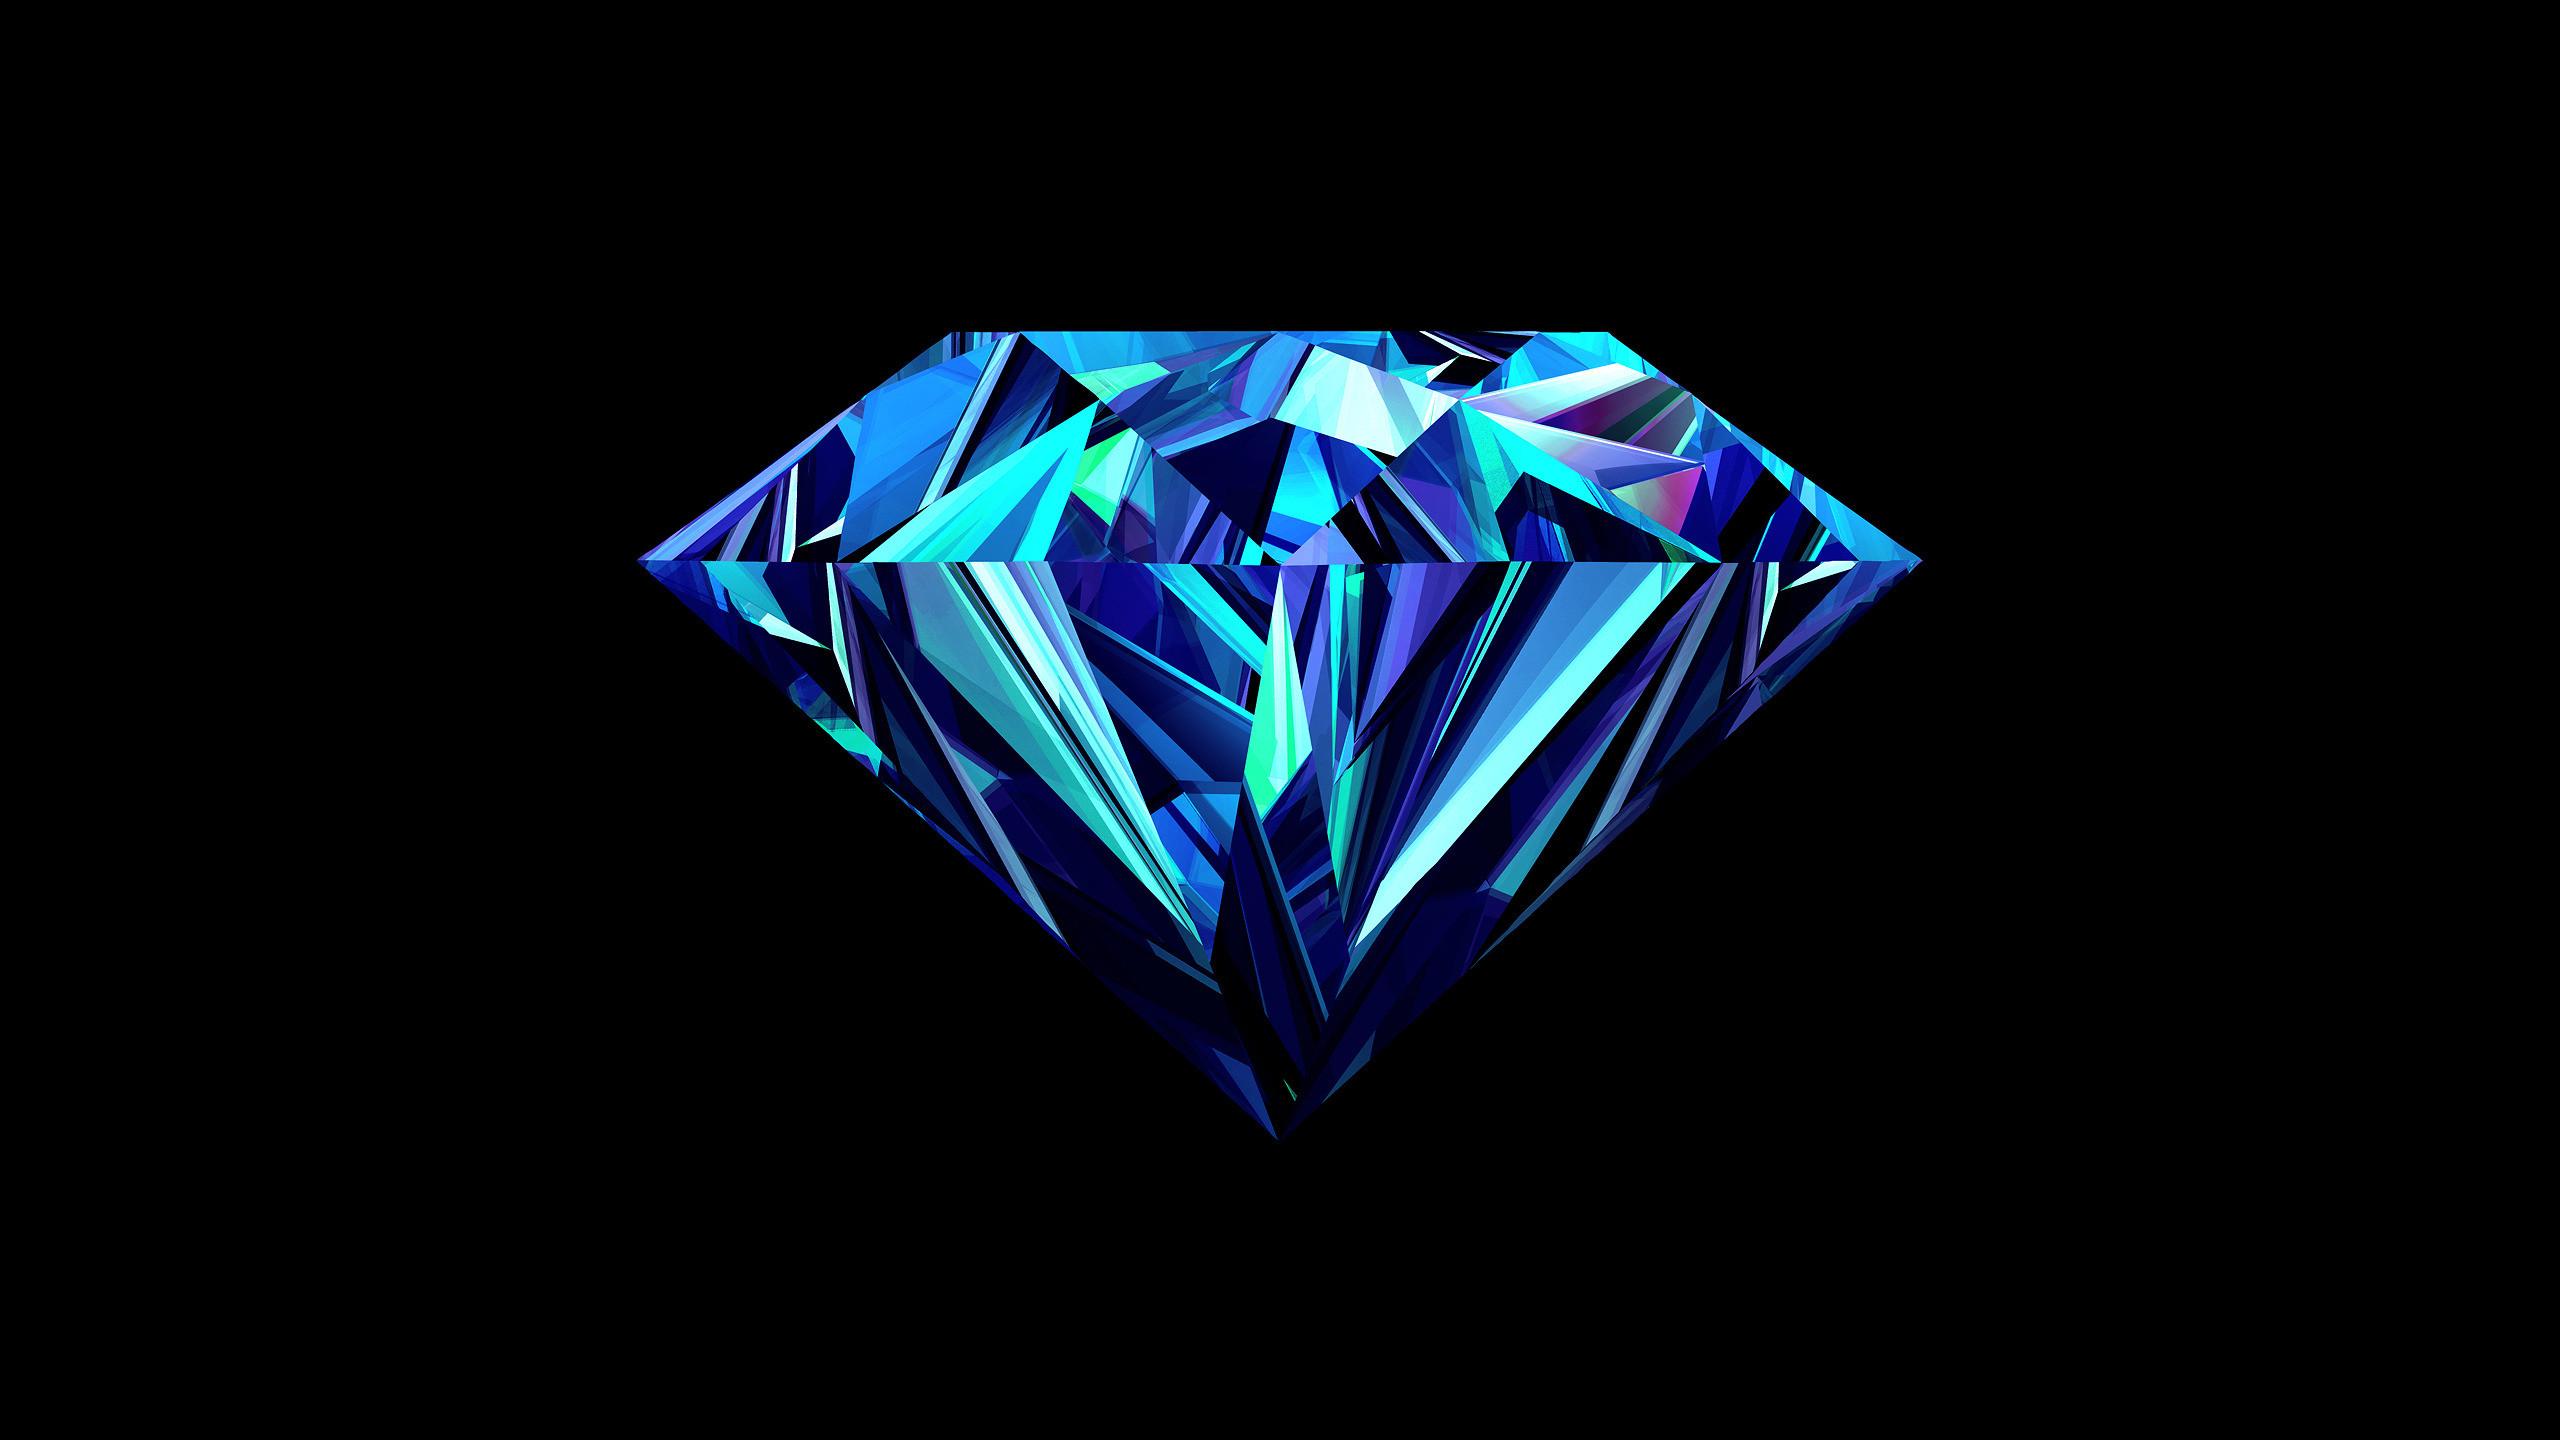 Res: 2560x1440, Diamond Wallpaper Full HD #ZHD